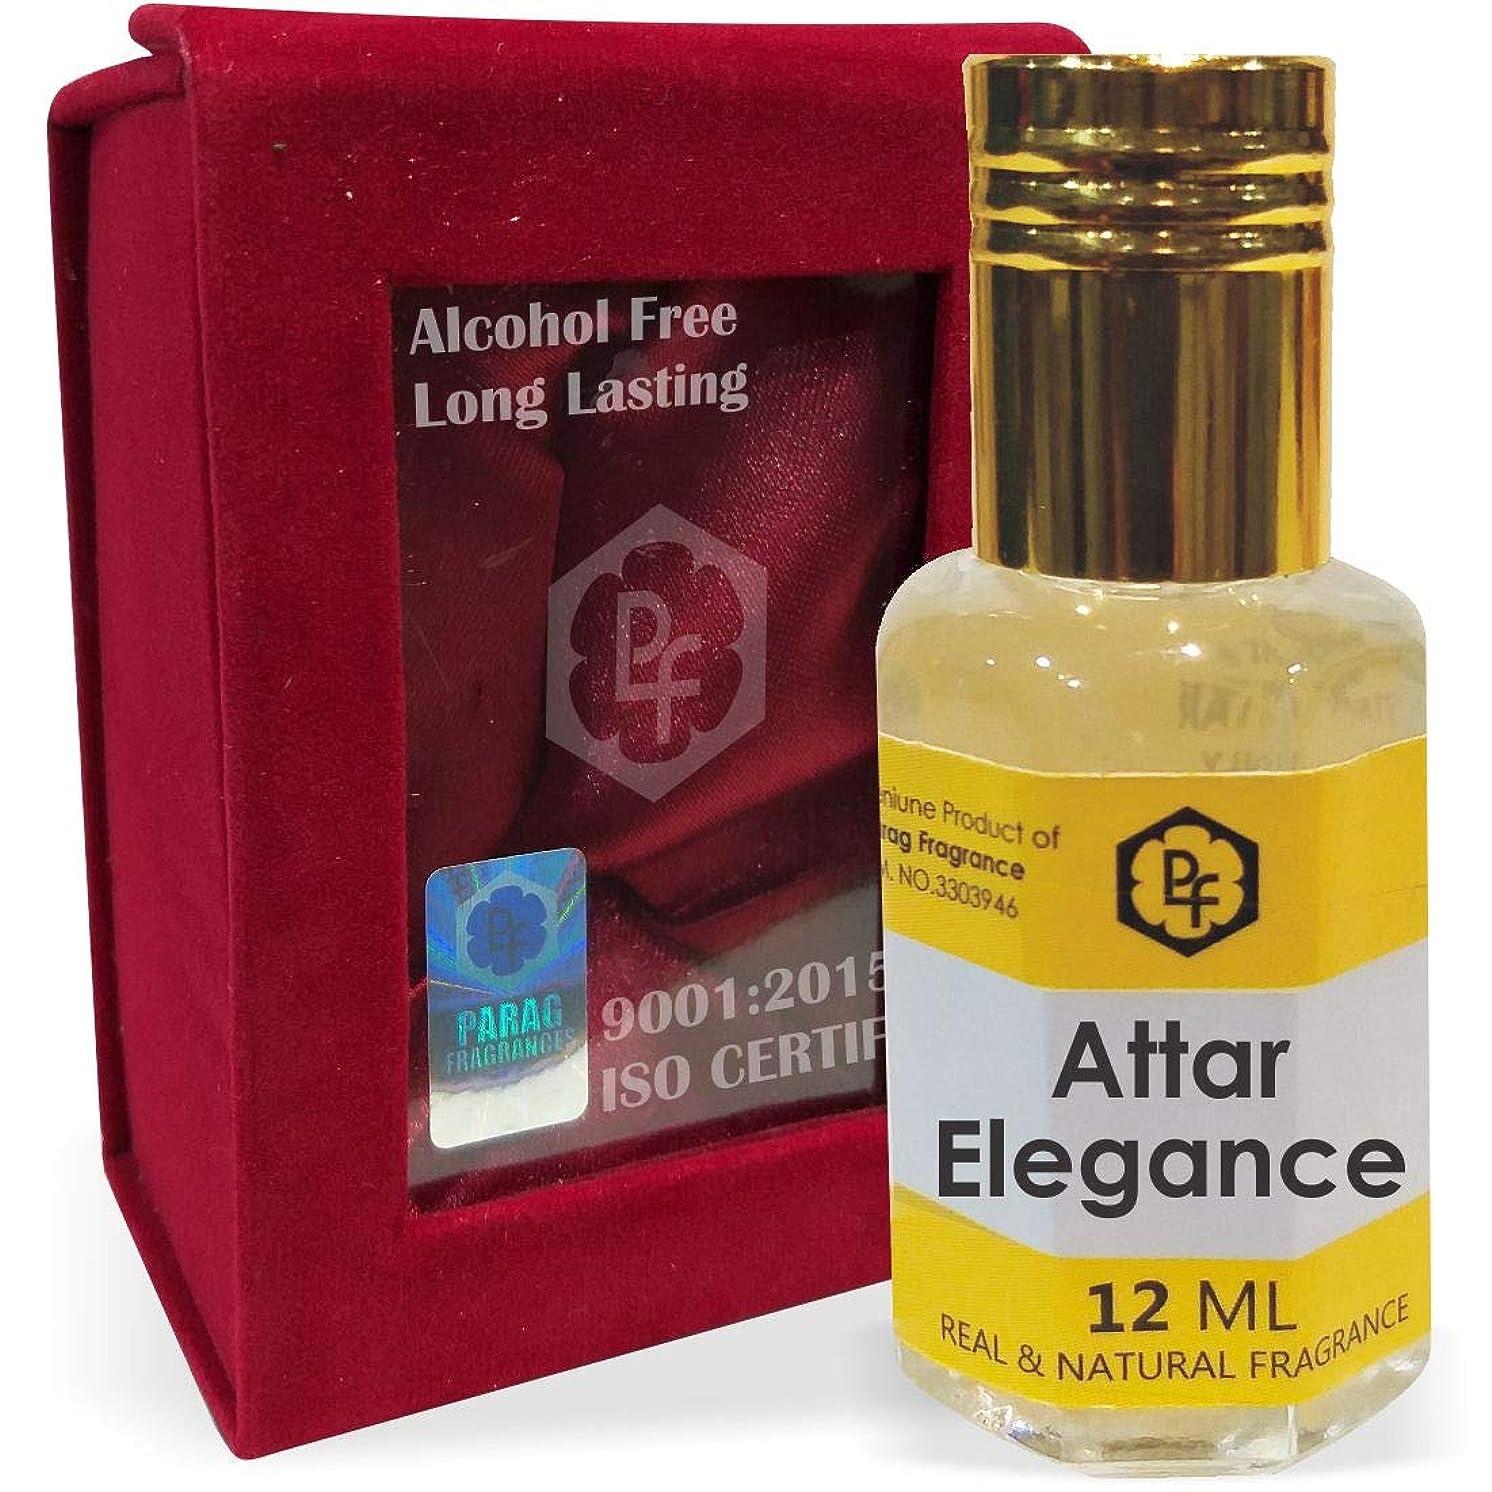 キャベツスペシャリストクロスParagフレグランスエレガンス手作りベルベットボックス12ミリリットルアター/香水(インドの伝統的なBhapka処理方法により、インド製)オイル/フレグランスオイル|長持ちアターITRA最高の品質